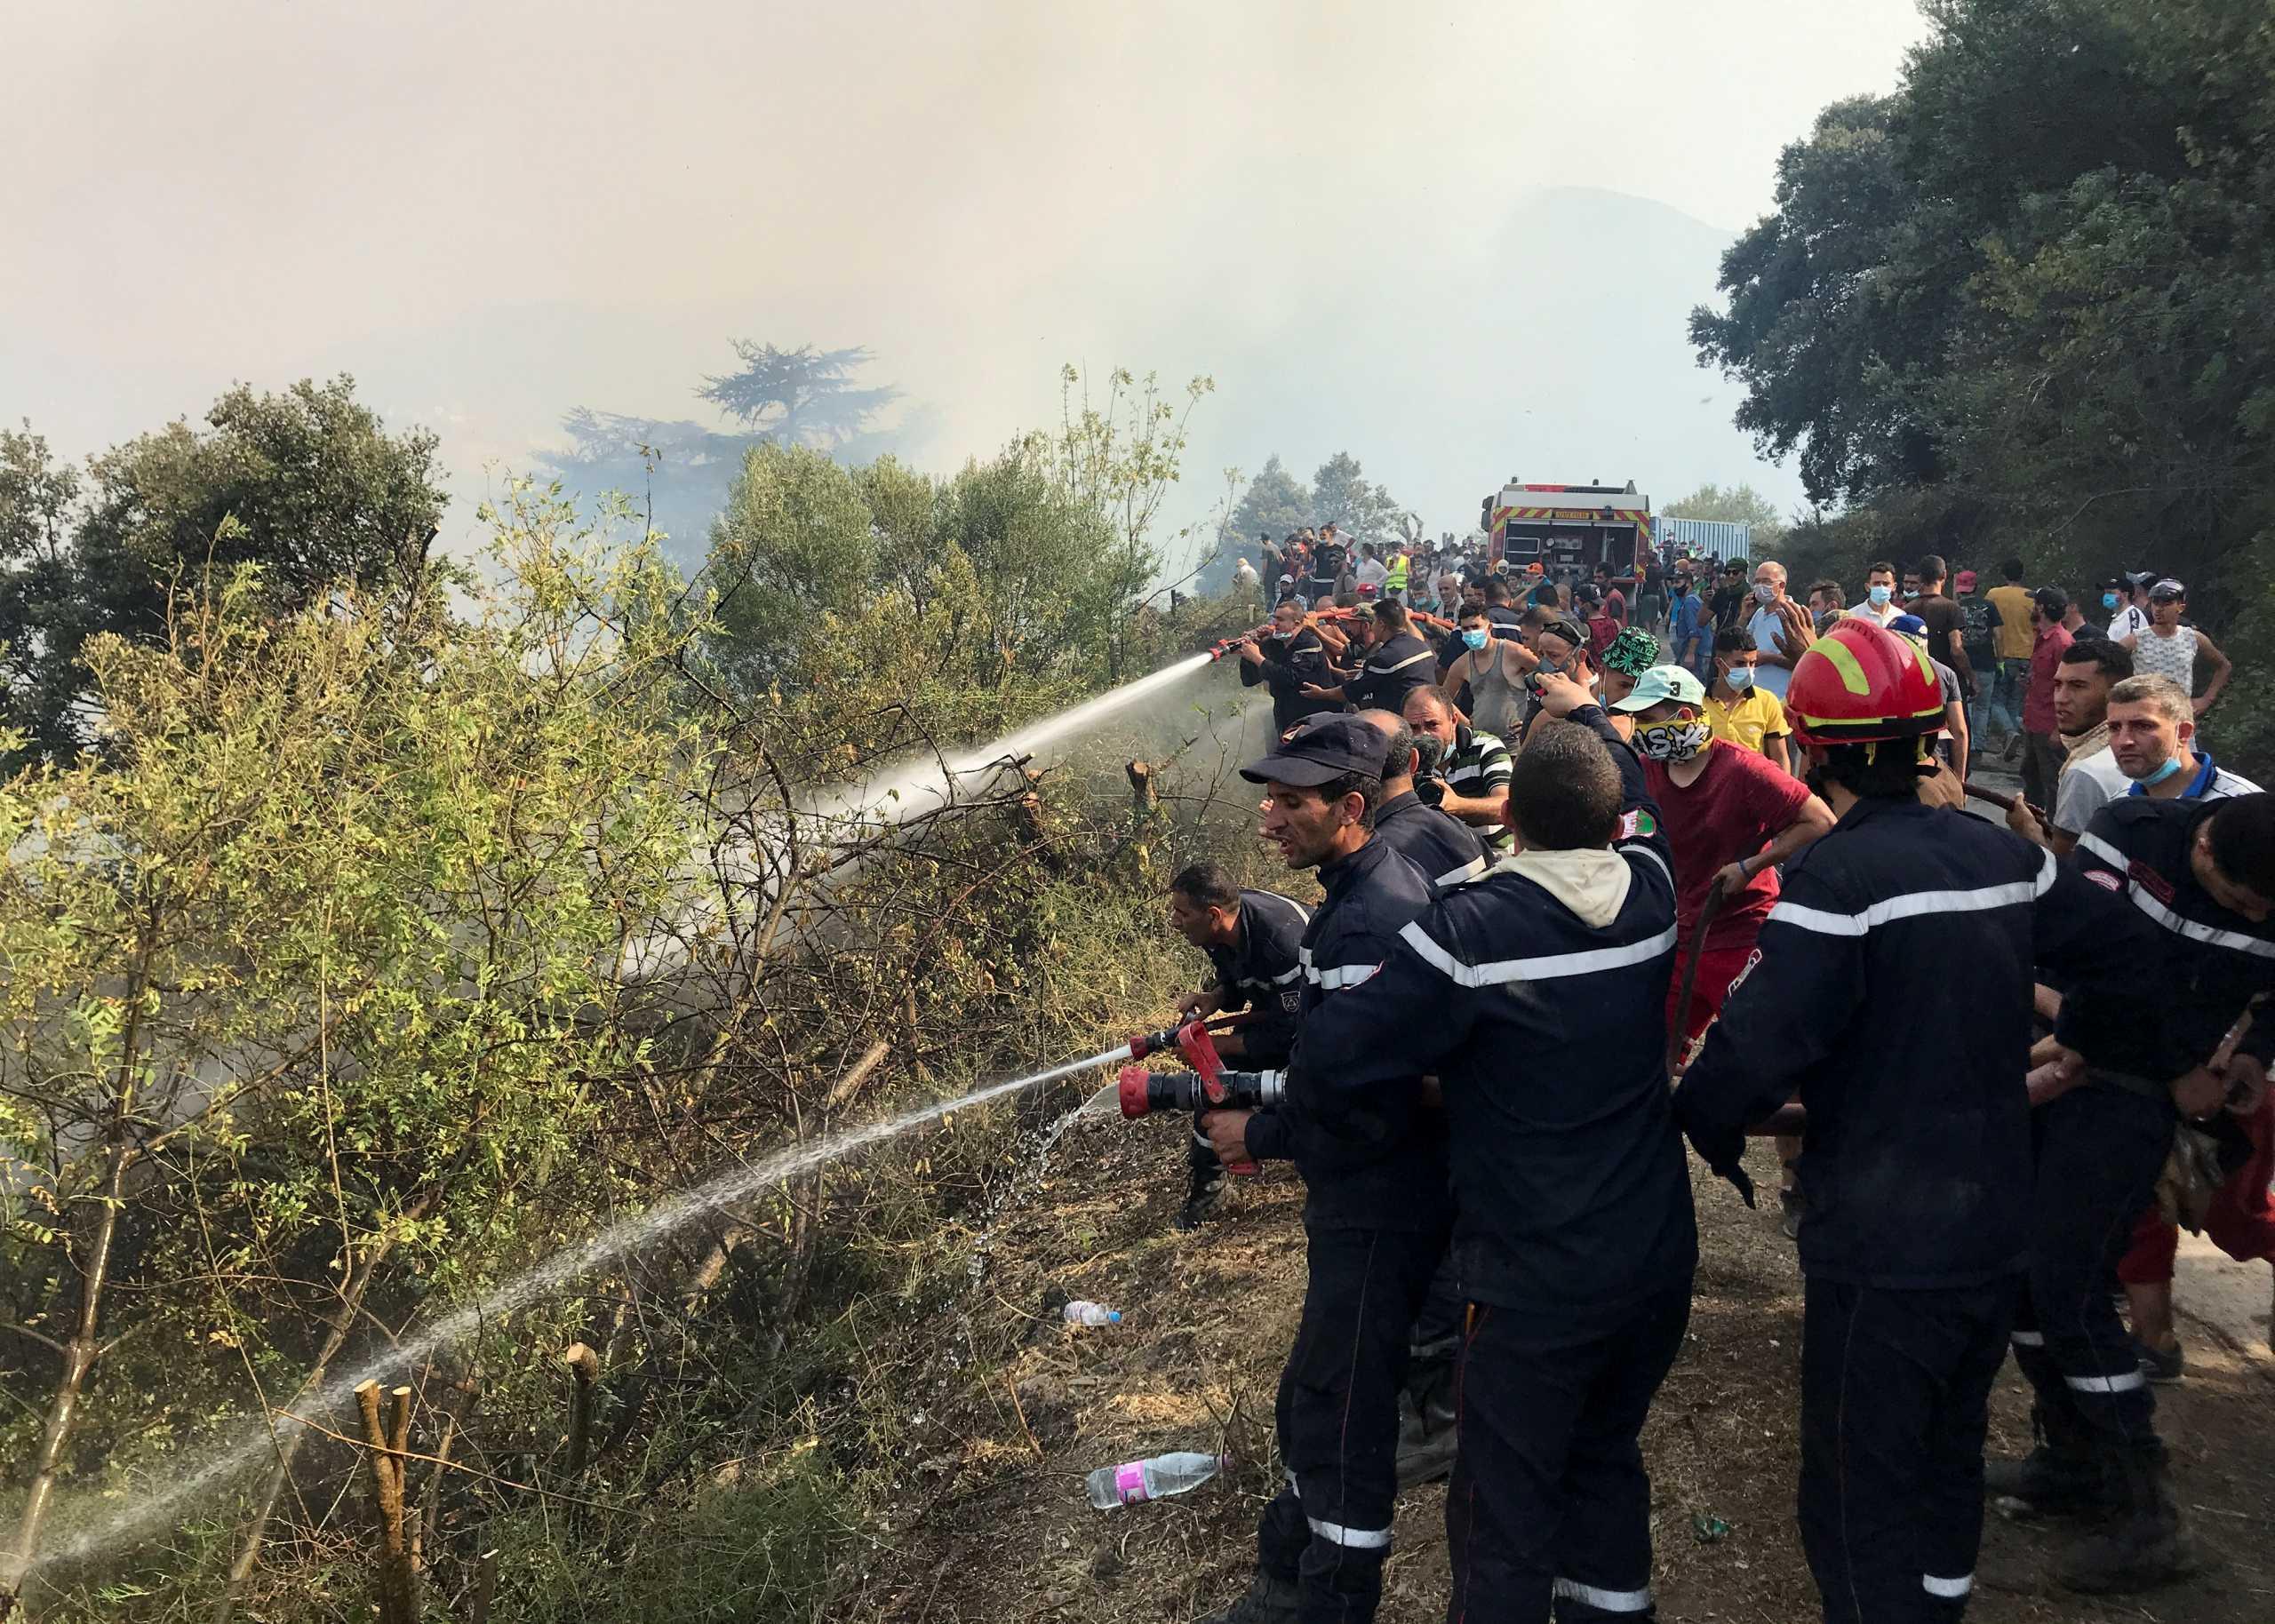 Φωτιές στην Αλγερία: Πυροσβέστες, στρατιώτες και εθελοντές σβήνουν τα τελευταία μέτωπα – Σχεδόν 90 οι νεκροί